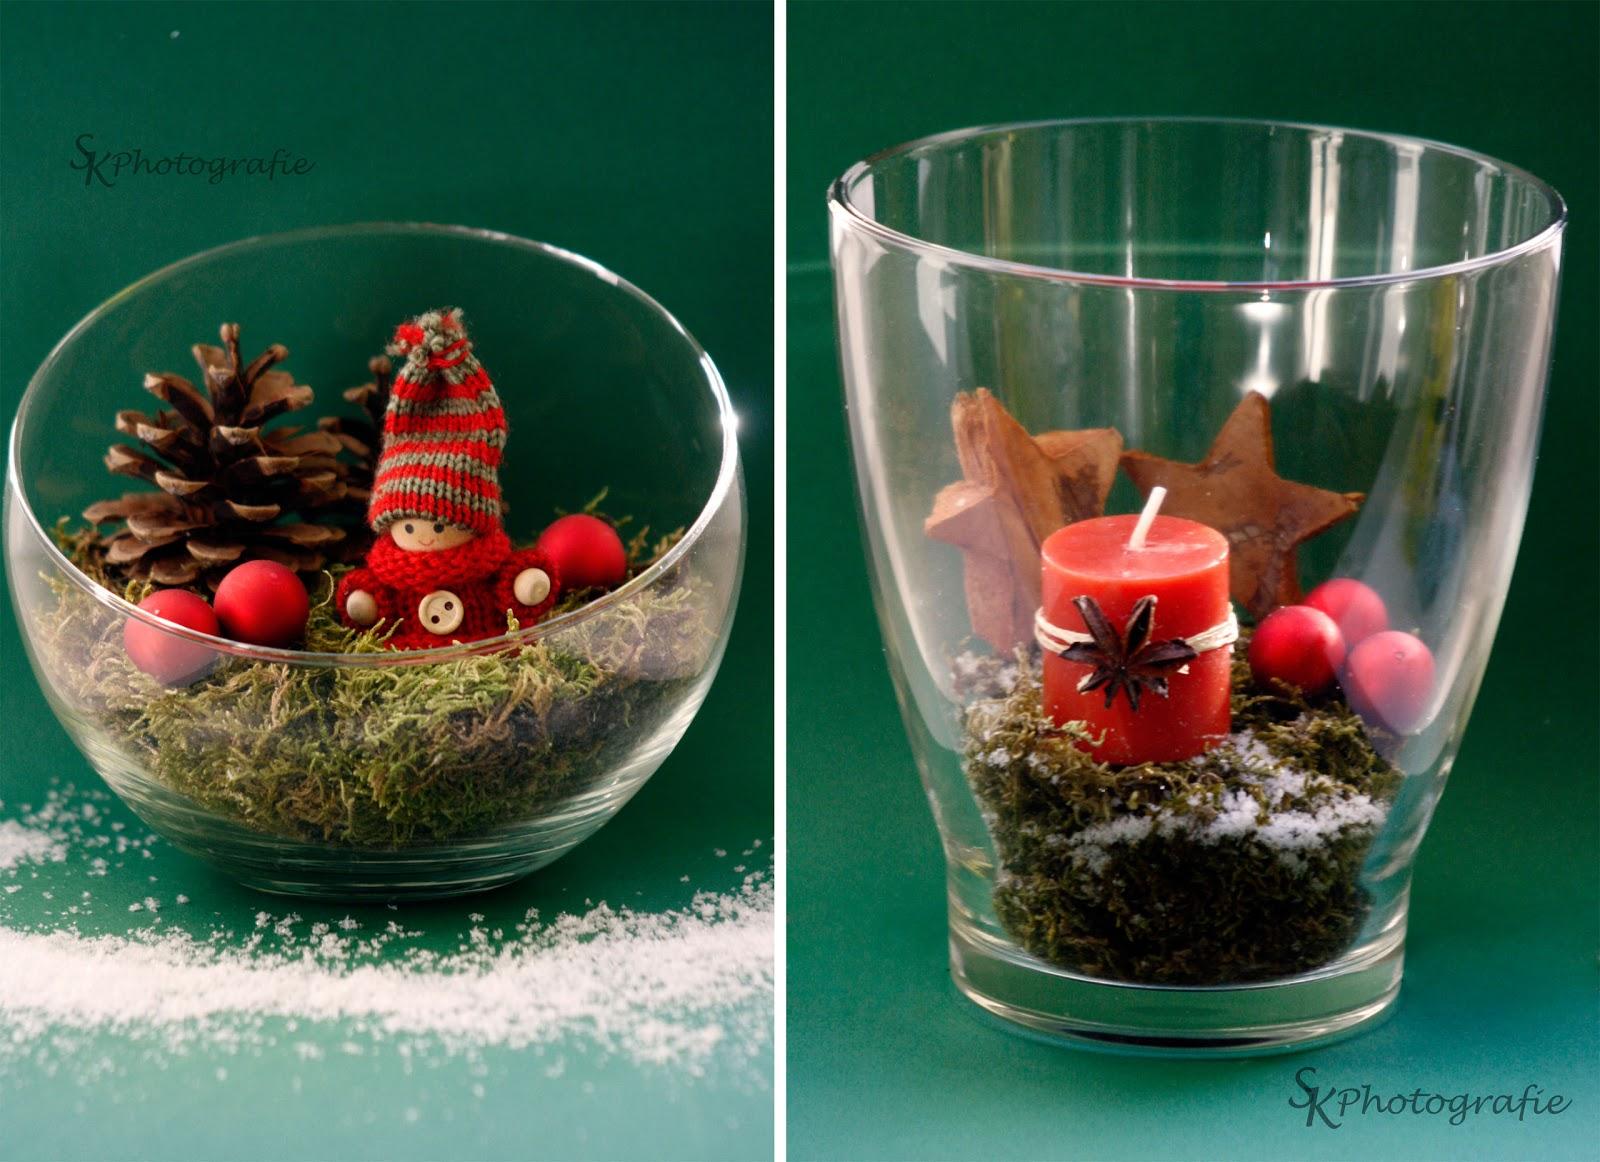 Diy weihnachtliche dekoration mit moos alles und anderes - Deko glas weihnachtlich dekorieren ...